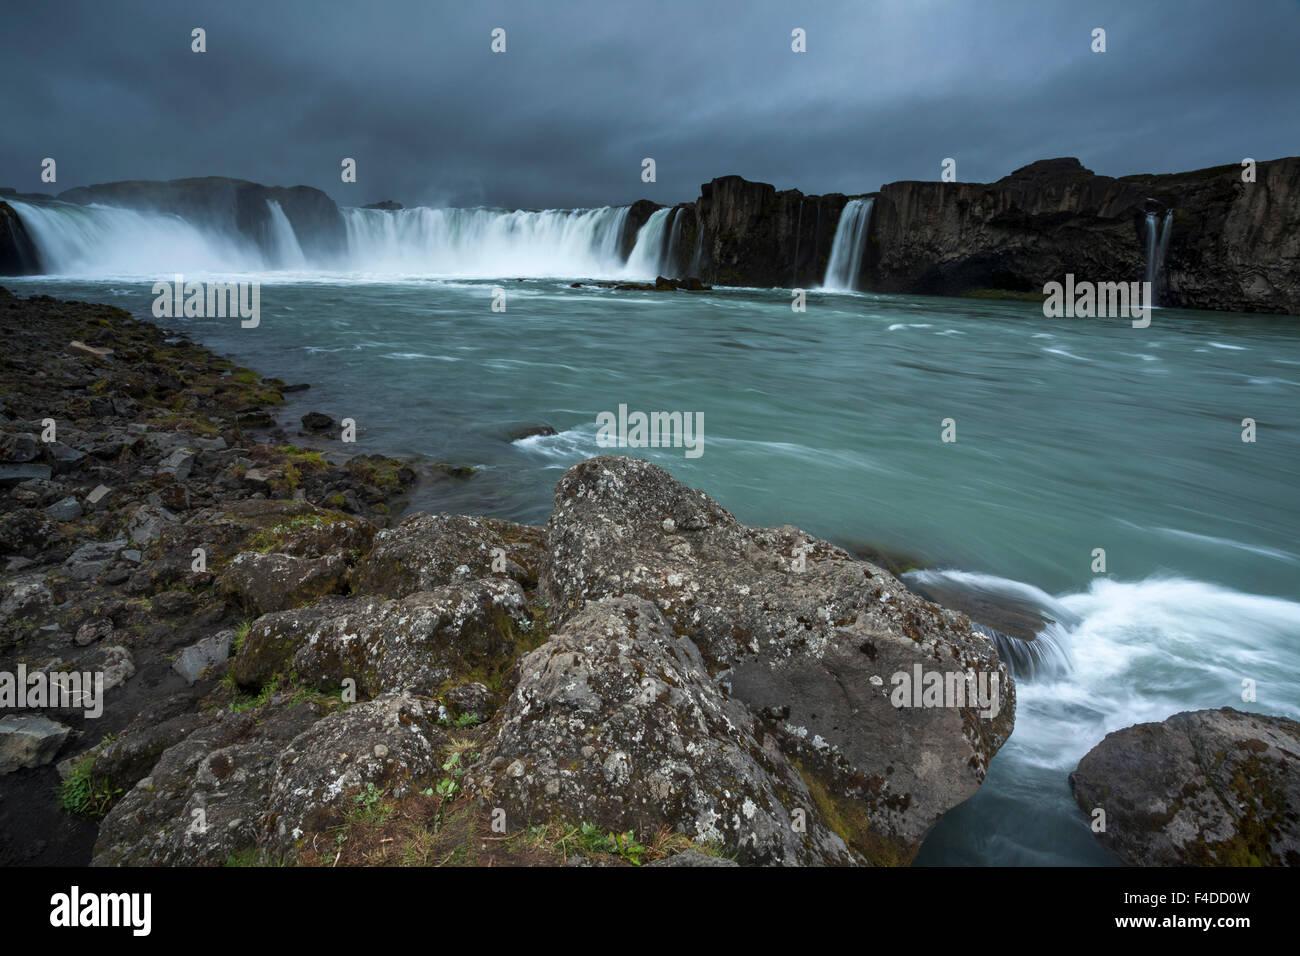 Cascada Godafoss y río Skjalfandafljot Nordhurland Eystra, Islandia. Imagen De Stock